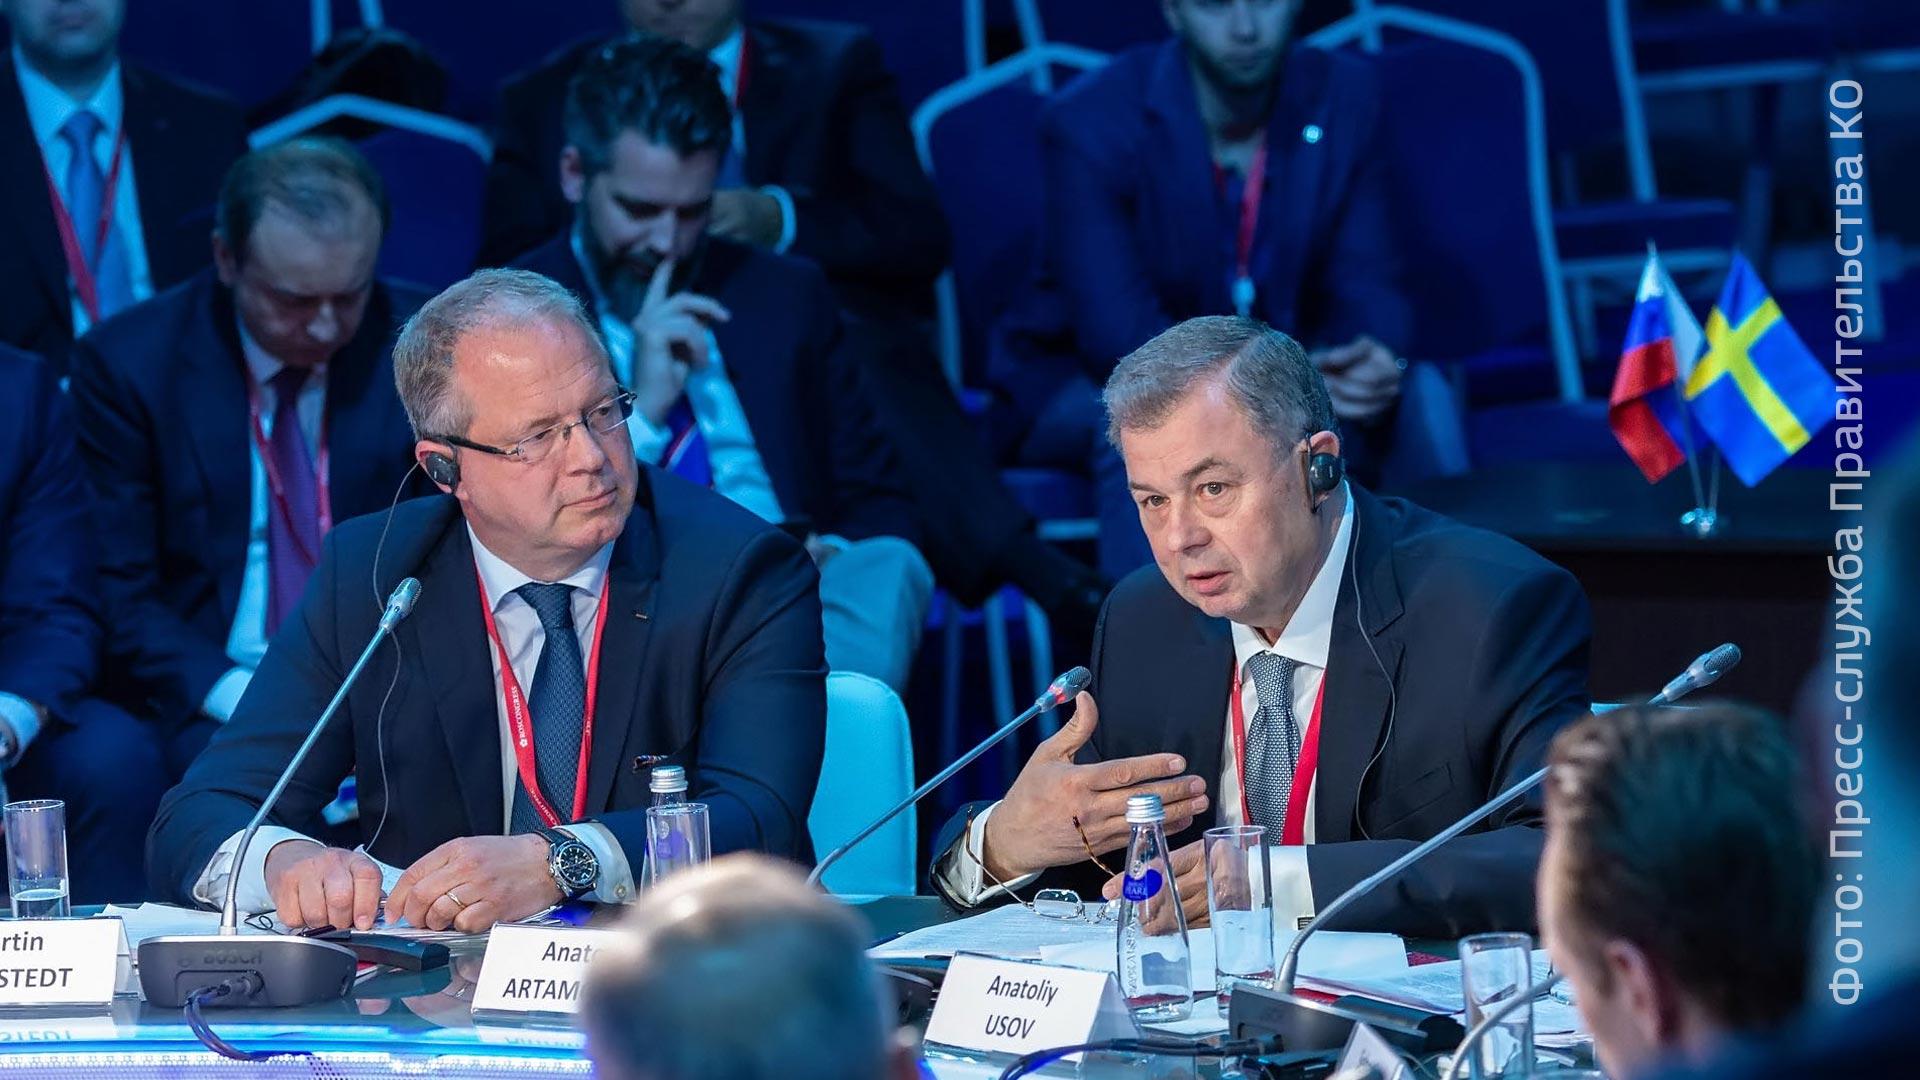 Калужская область иШвеция: обсуждаются перспективы последующего сотрудничества